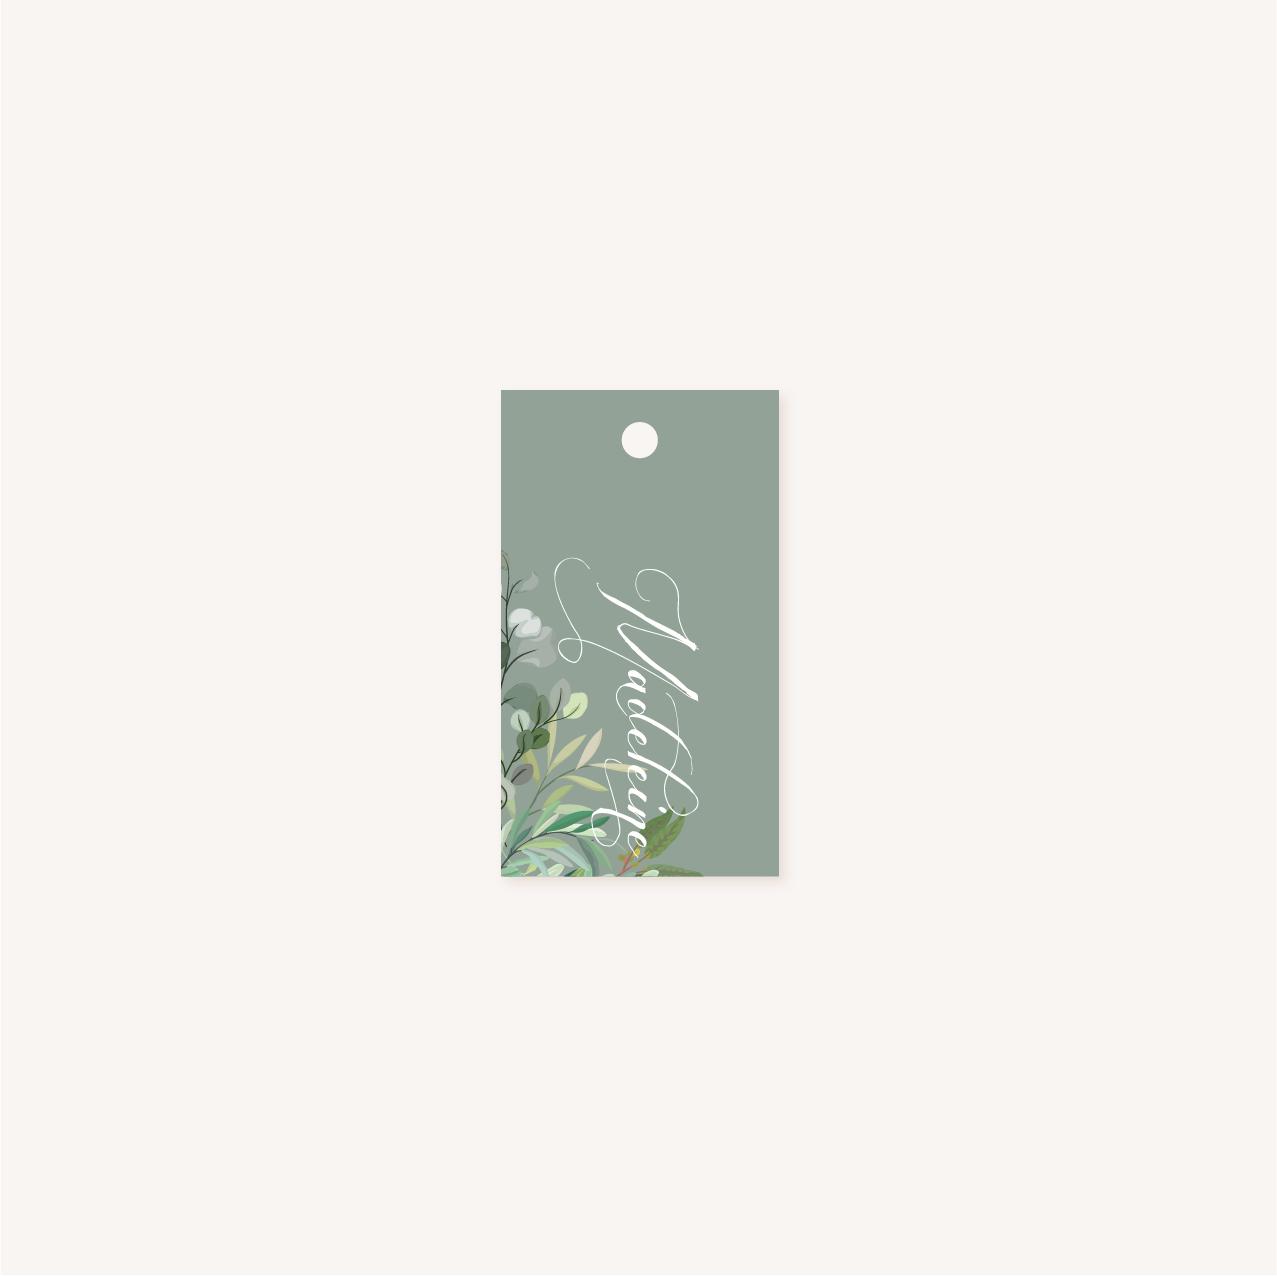 Étiquette individuelle perforée personnalisable vert mariage végétal feuille eucalyptus